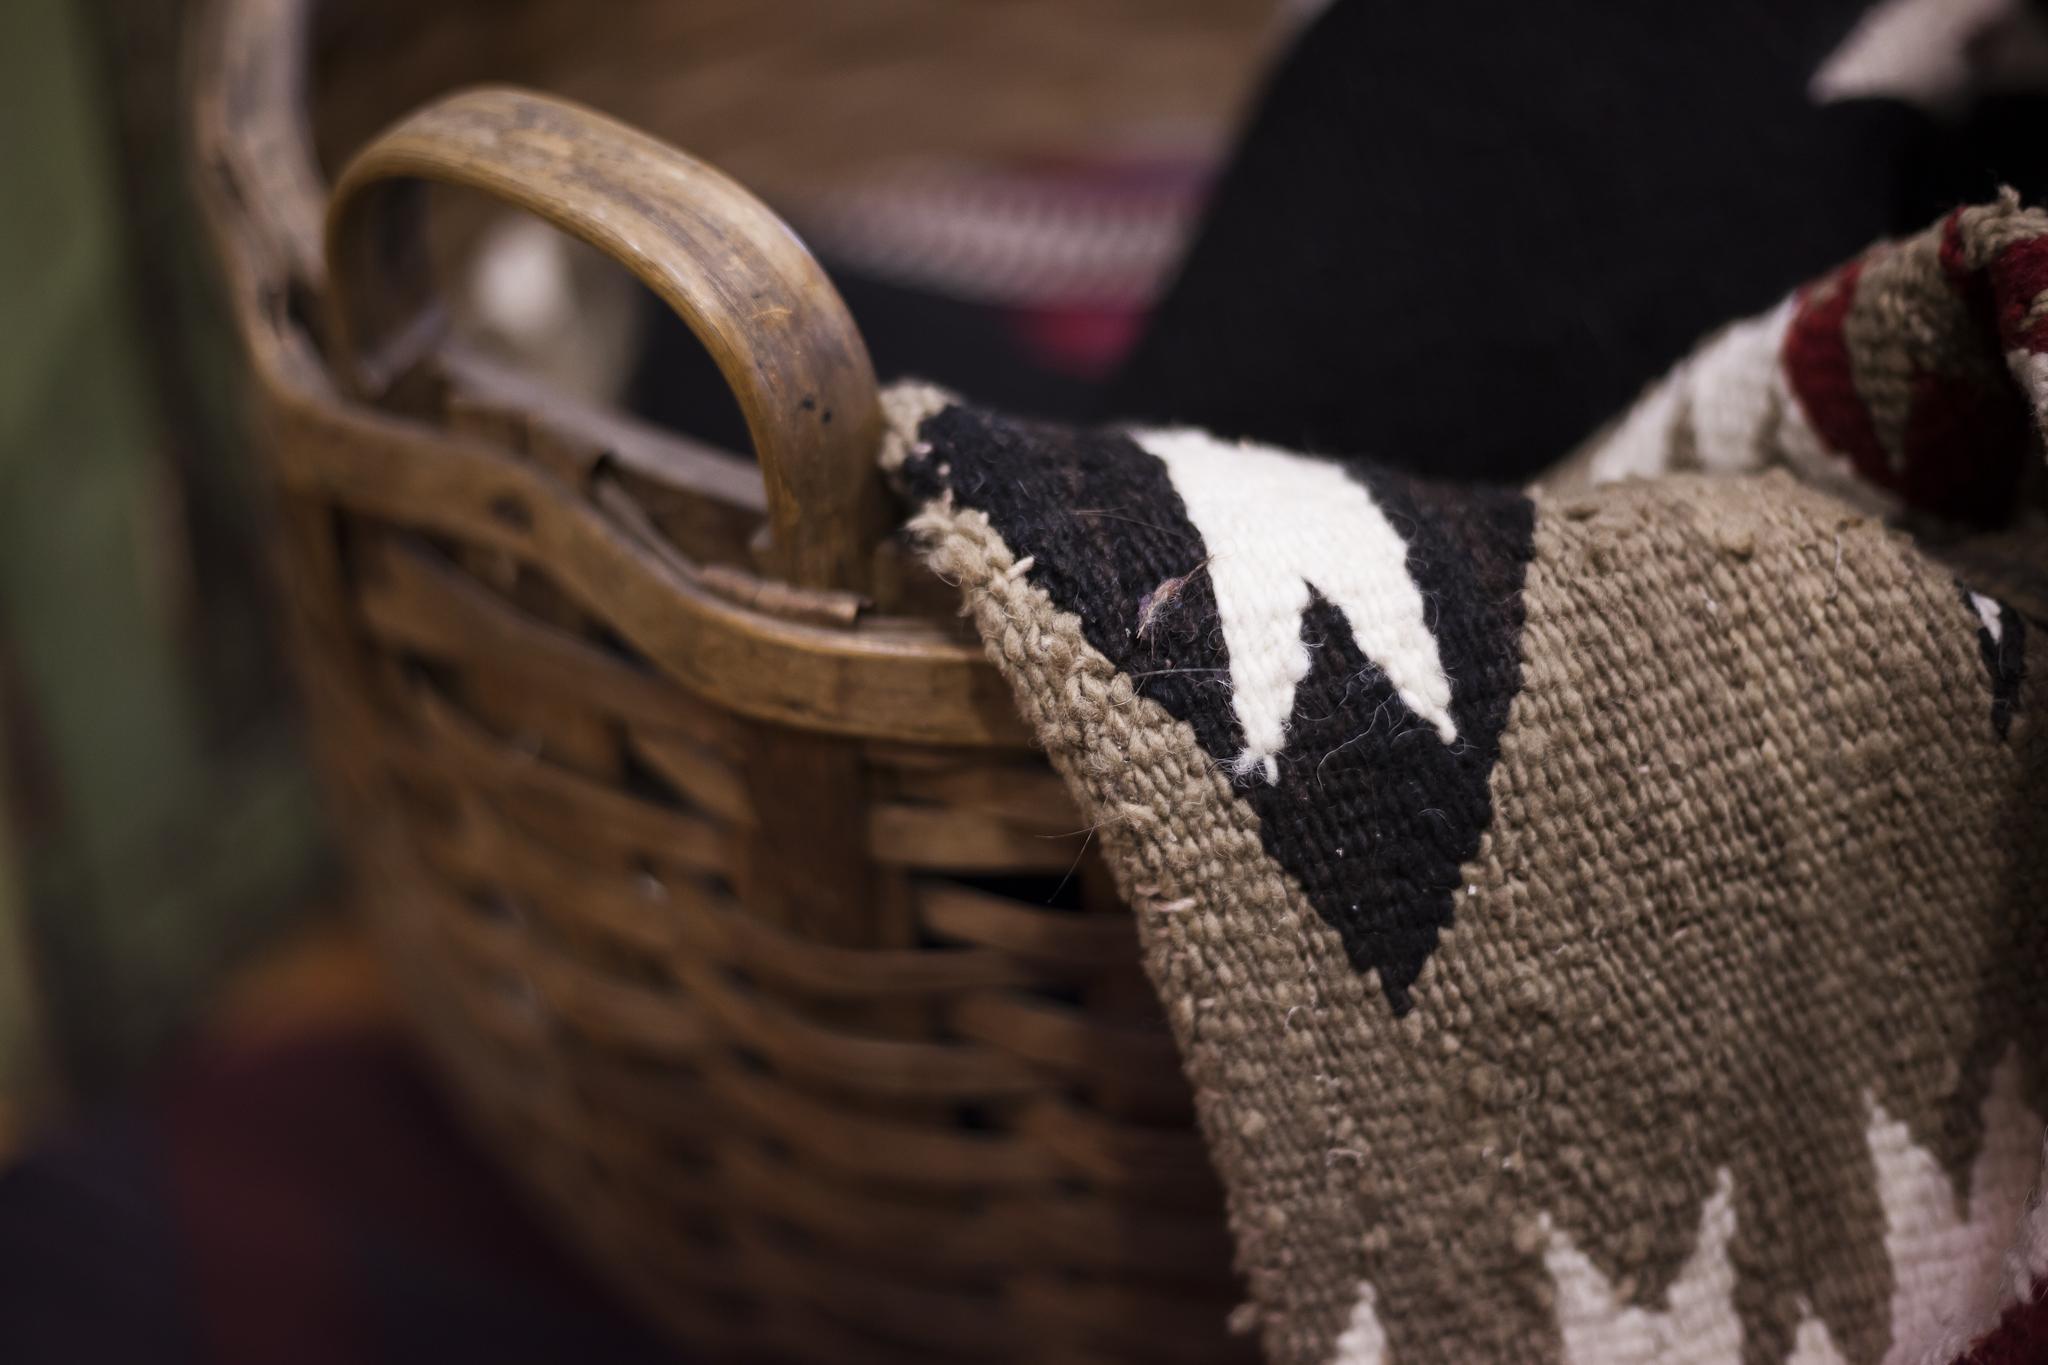 Primitive Indian Blanket in a Wicker Basket